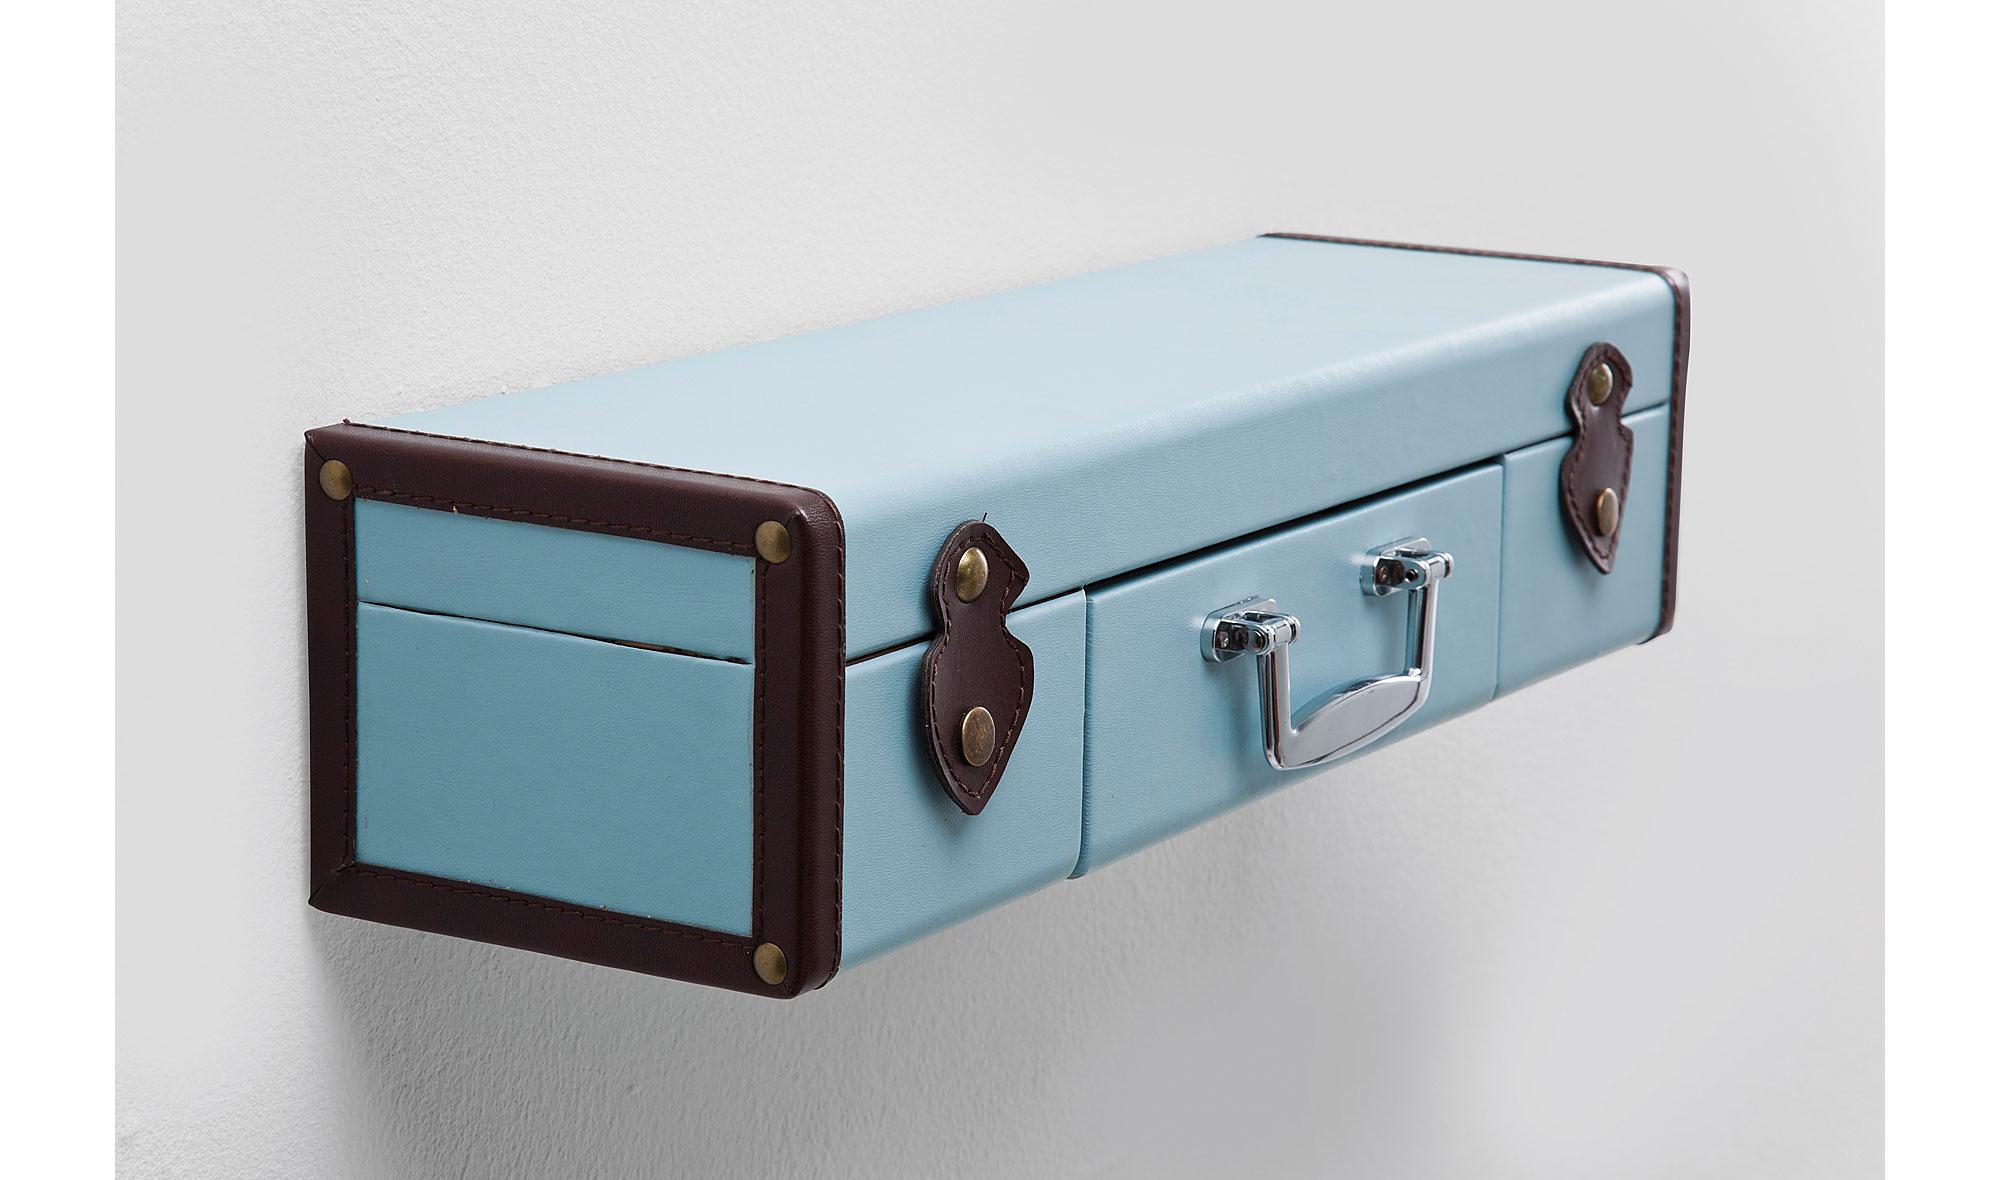 estantera de pared vintage maleta azul claro no esta disponible